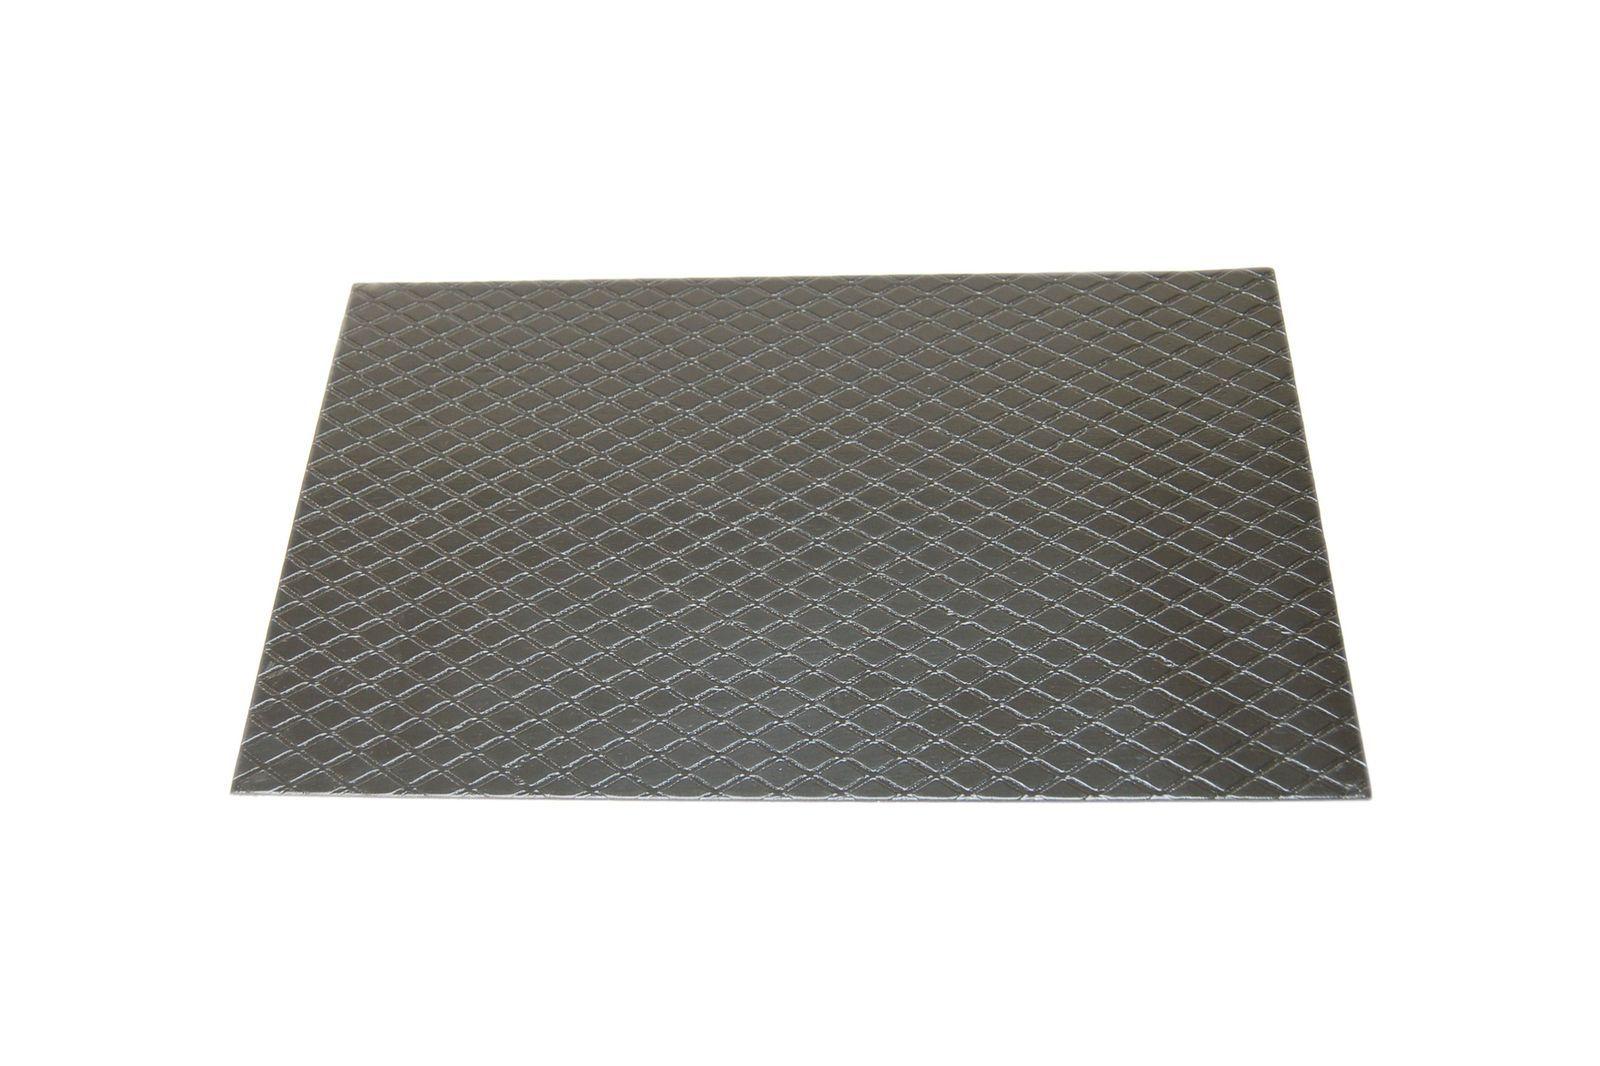 #Bitumen Geräuschdämmung selbtklebend 30 x 19 cm, CHM0228